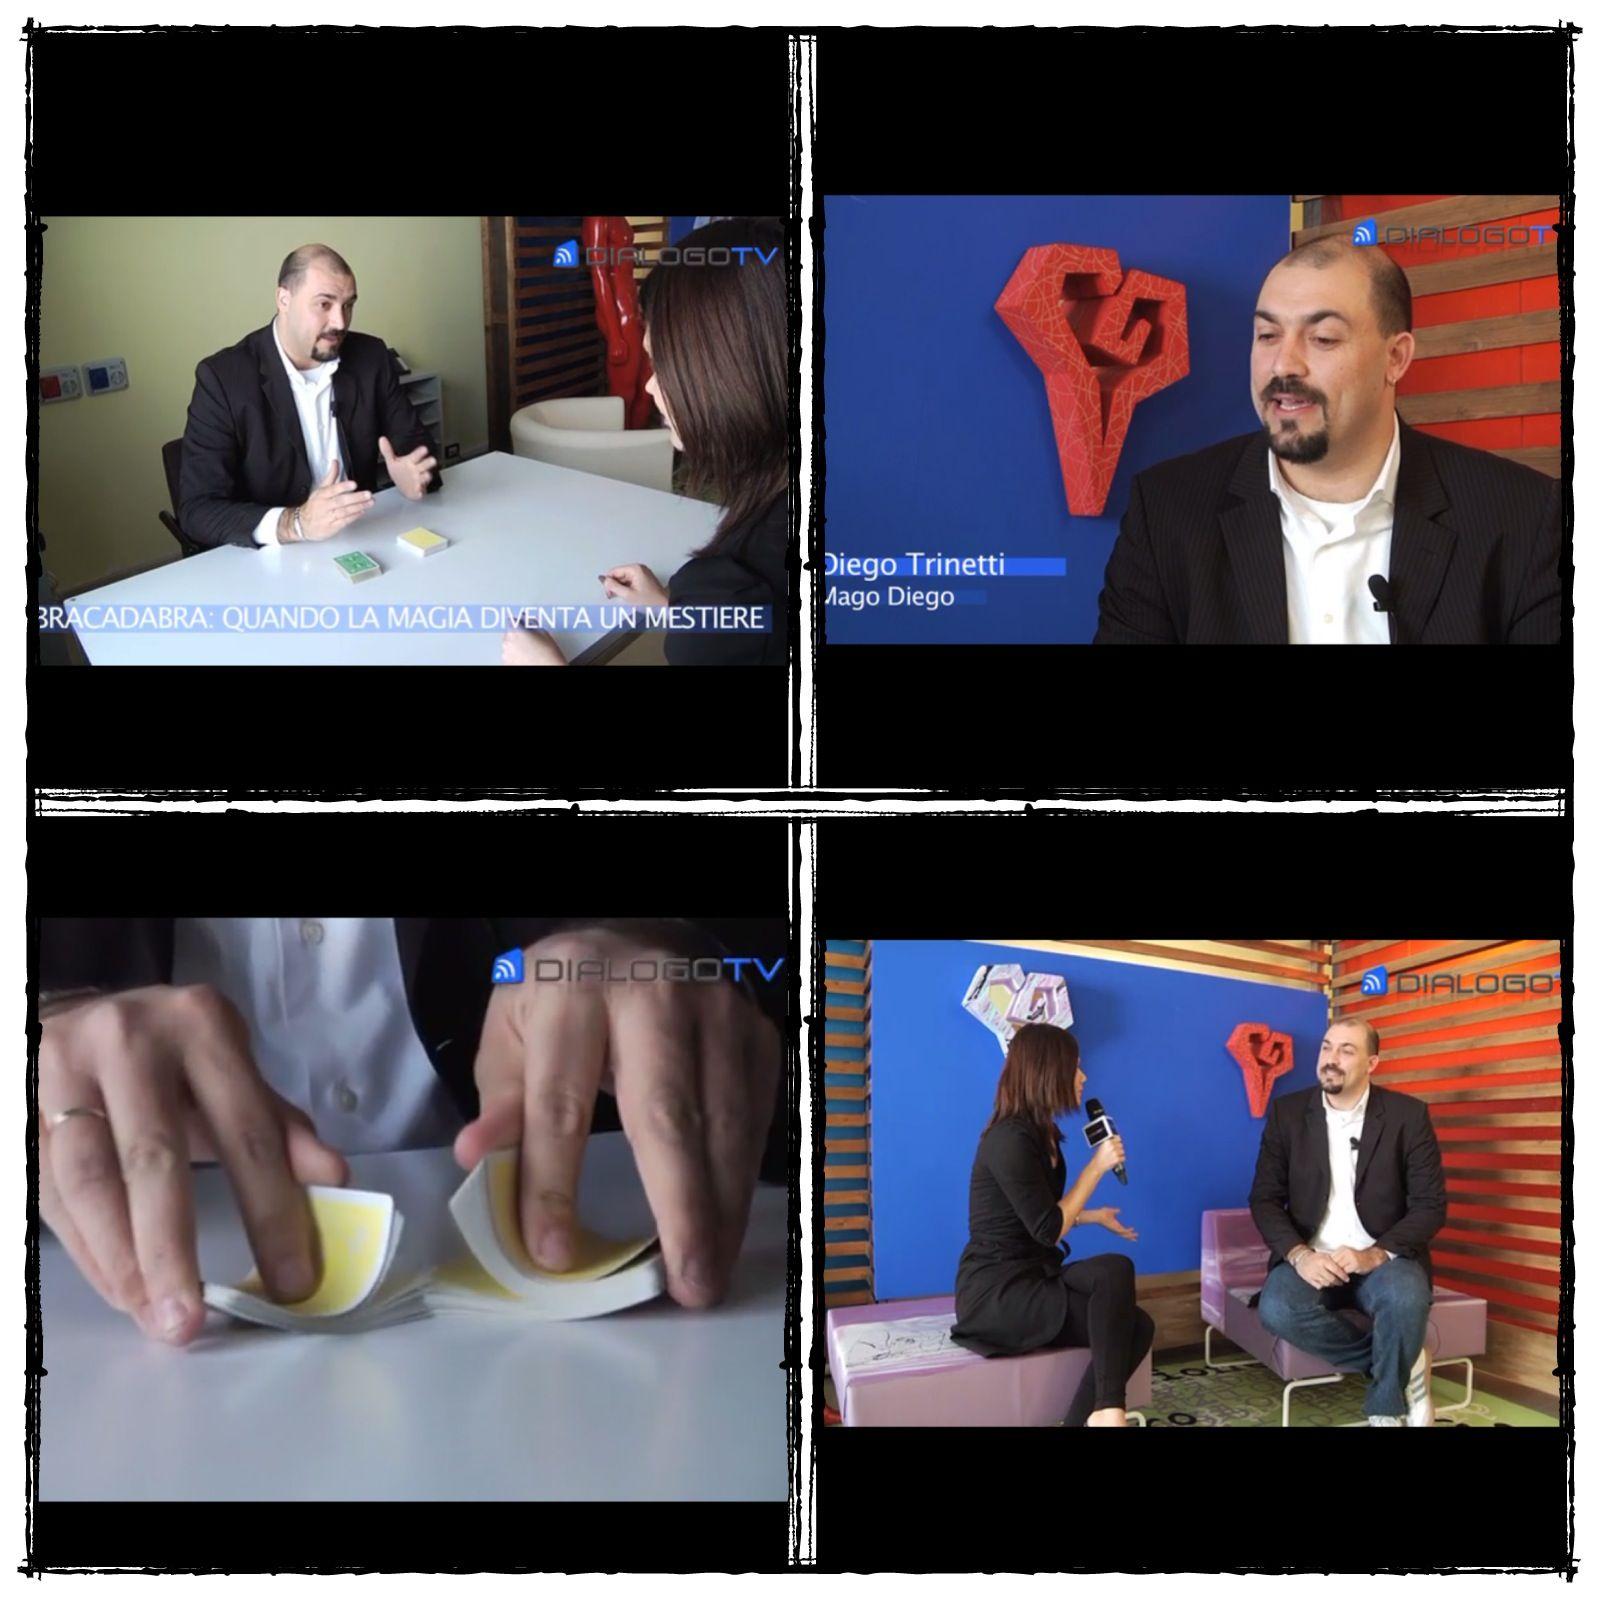 Intervista a Dialogo TV